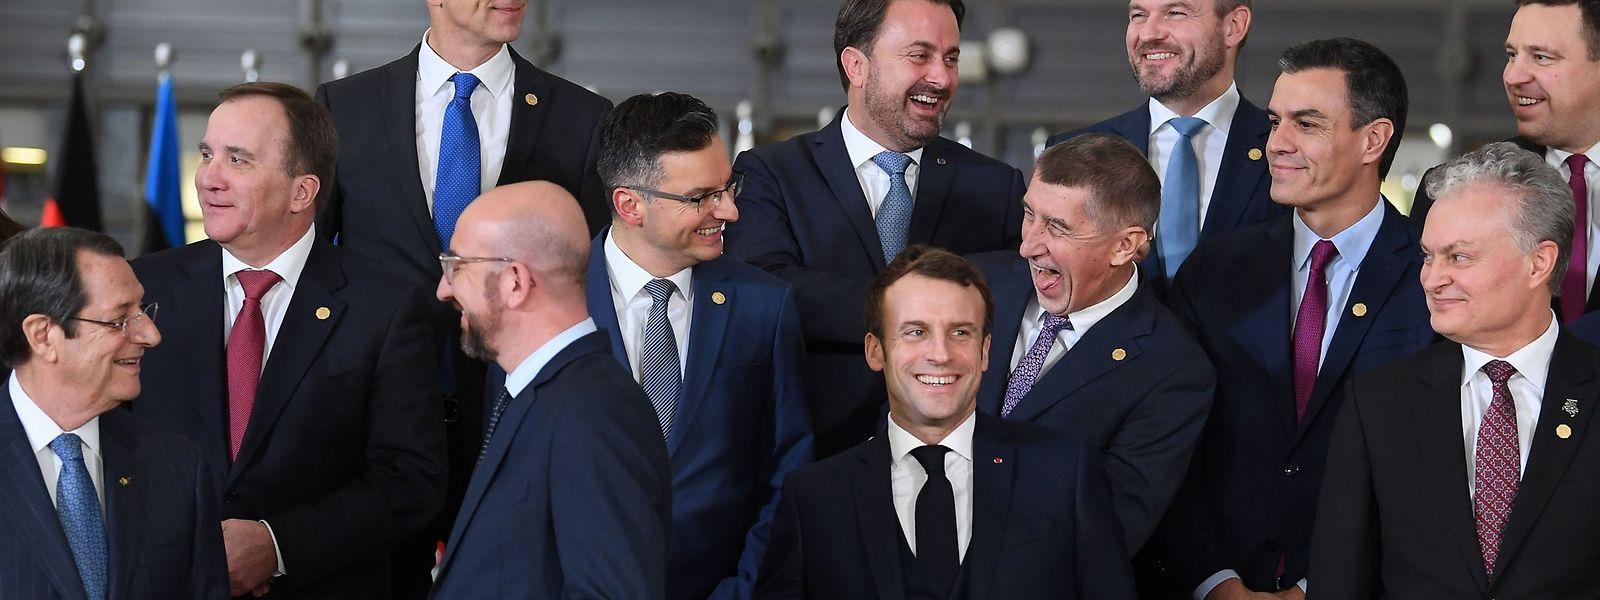 Bei den Verhandlungen zum EU-Haushalt treffen 27 Einzelinteressen aufeinander.